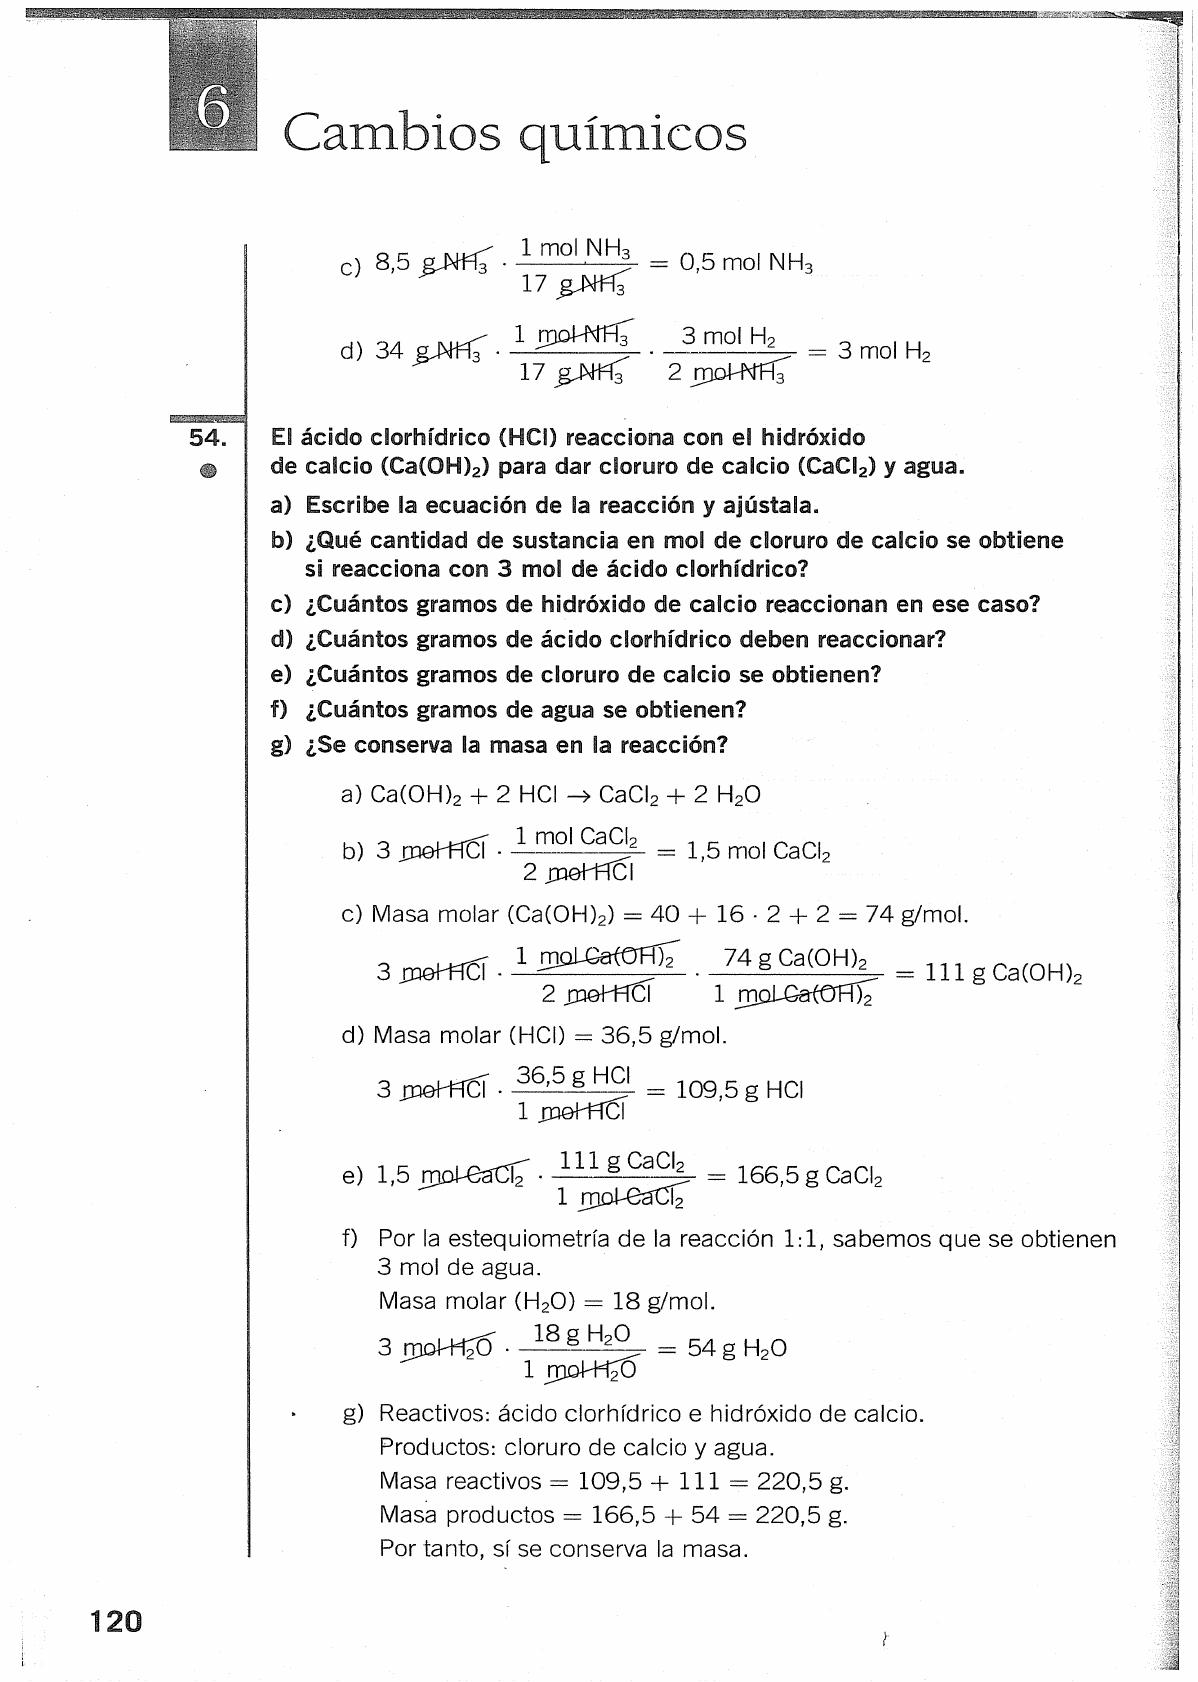 Solucionario Fisica Y Quimica 3 Eso Santillana Química Física Fisicoquimica